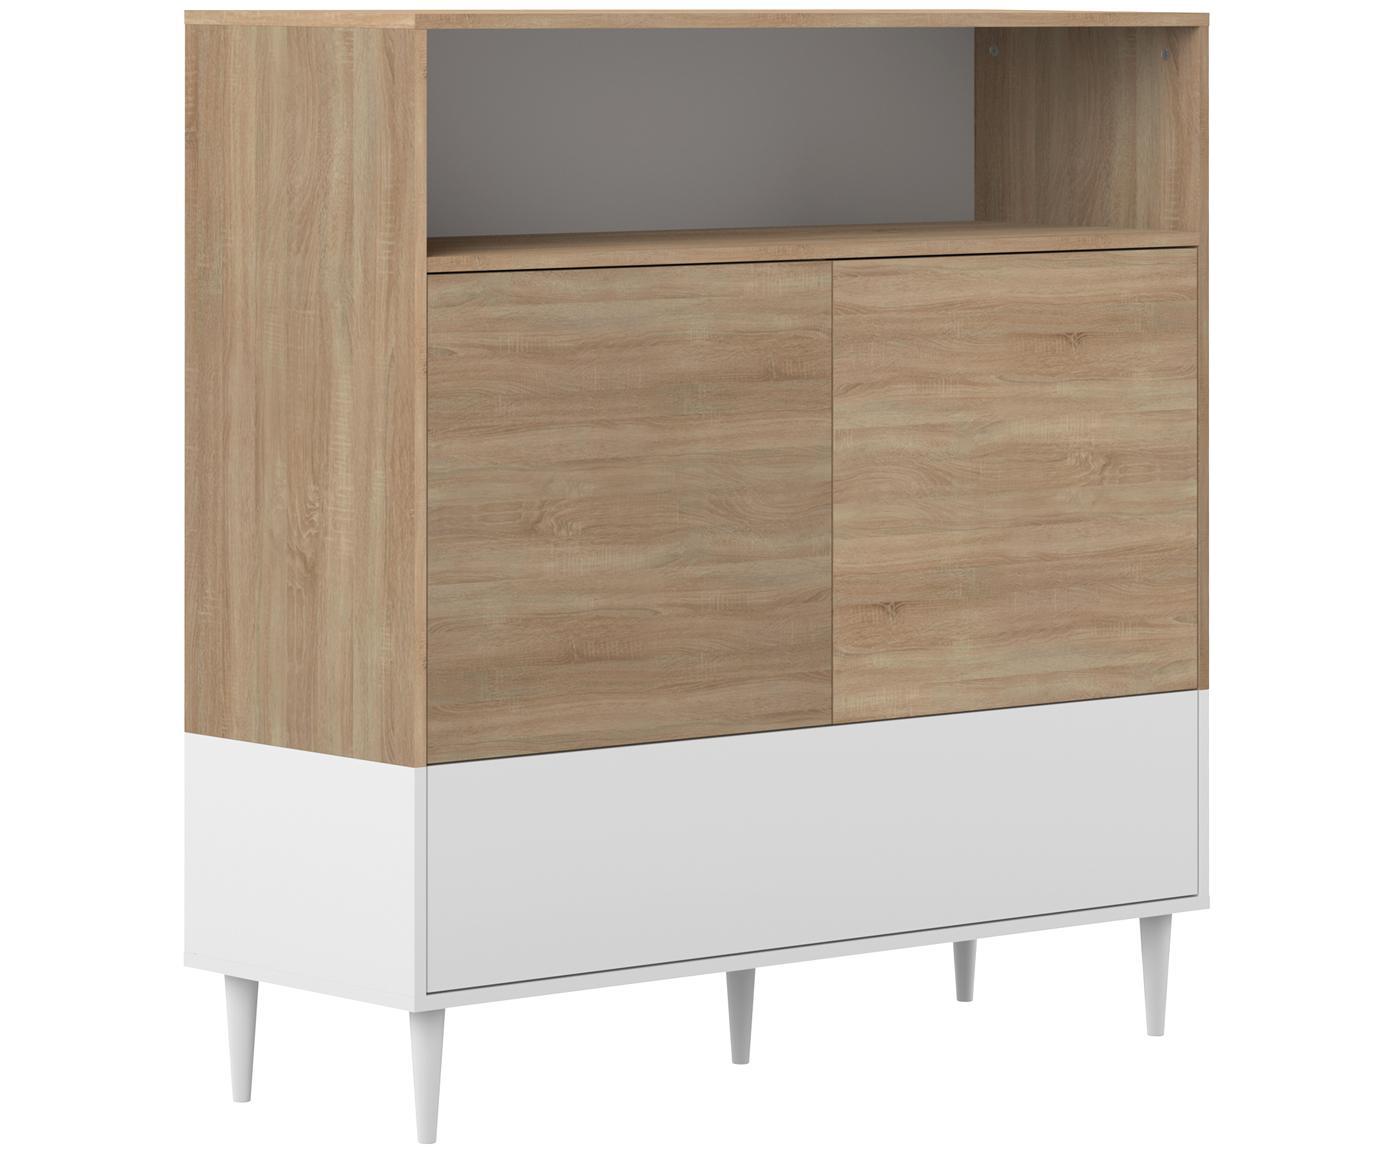 Chiffonnier Horizon, estilo escandinavo, Estructura: aglomerado, recubierto de, Patas: madera de haya maciza, pi, Roble, blanco, An 120 x Al 121 cm